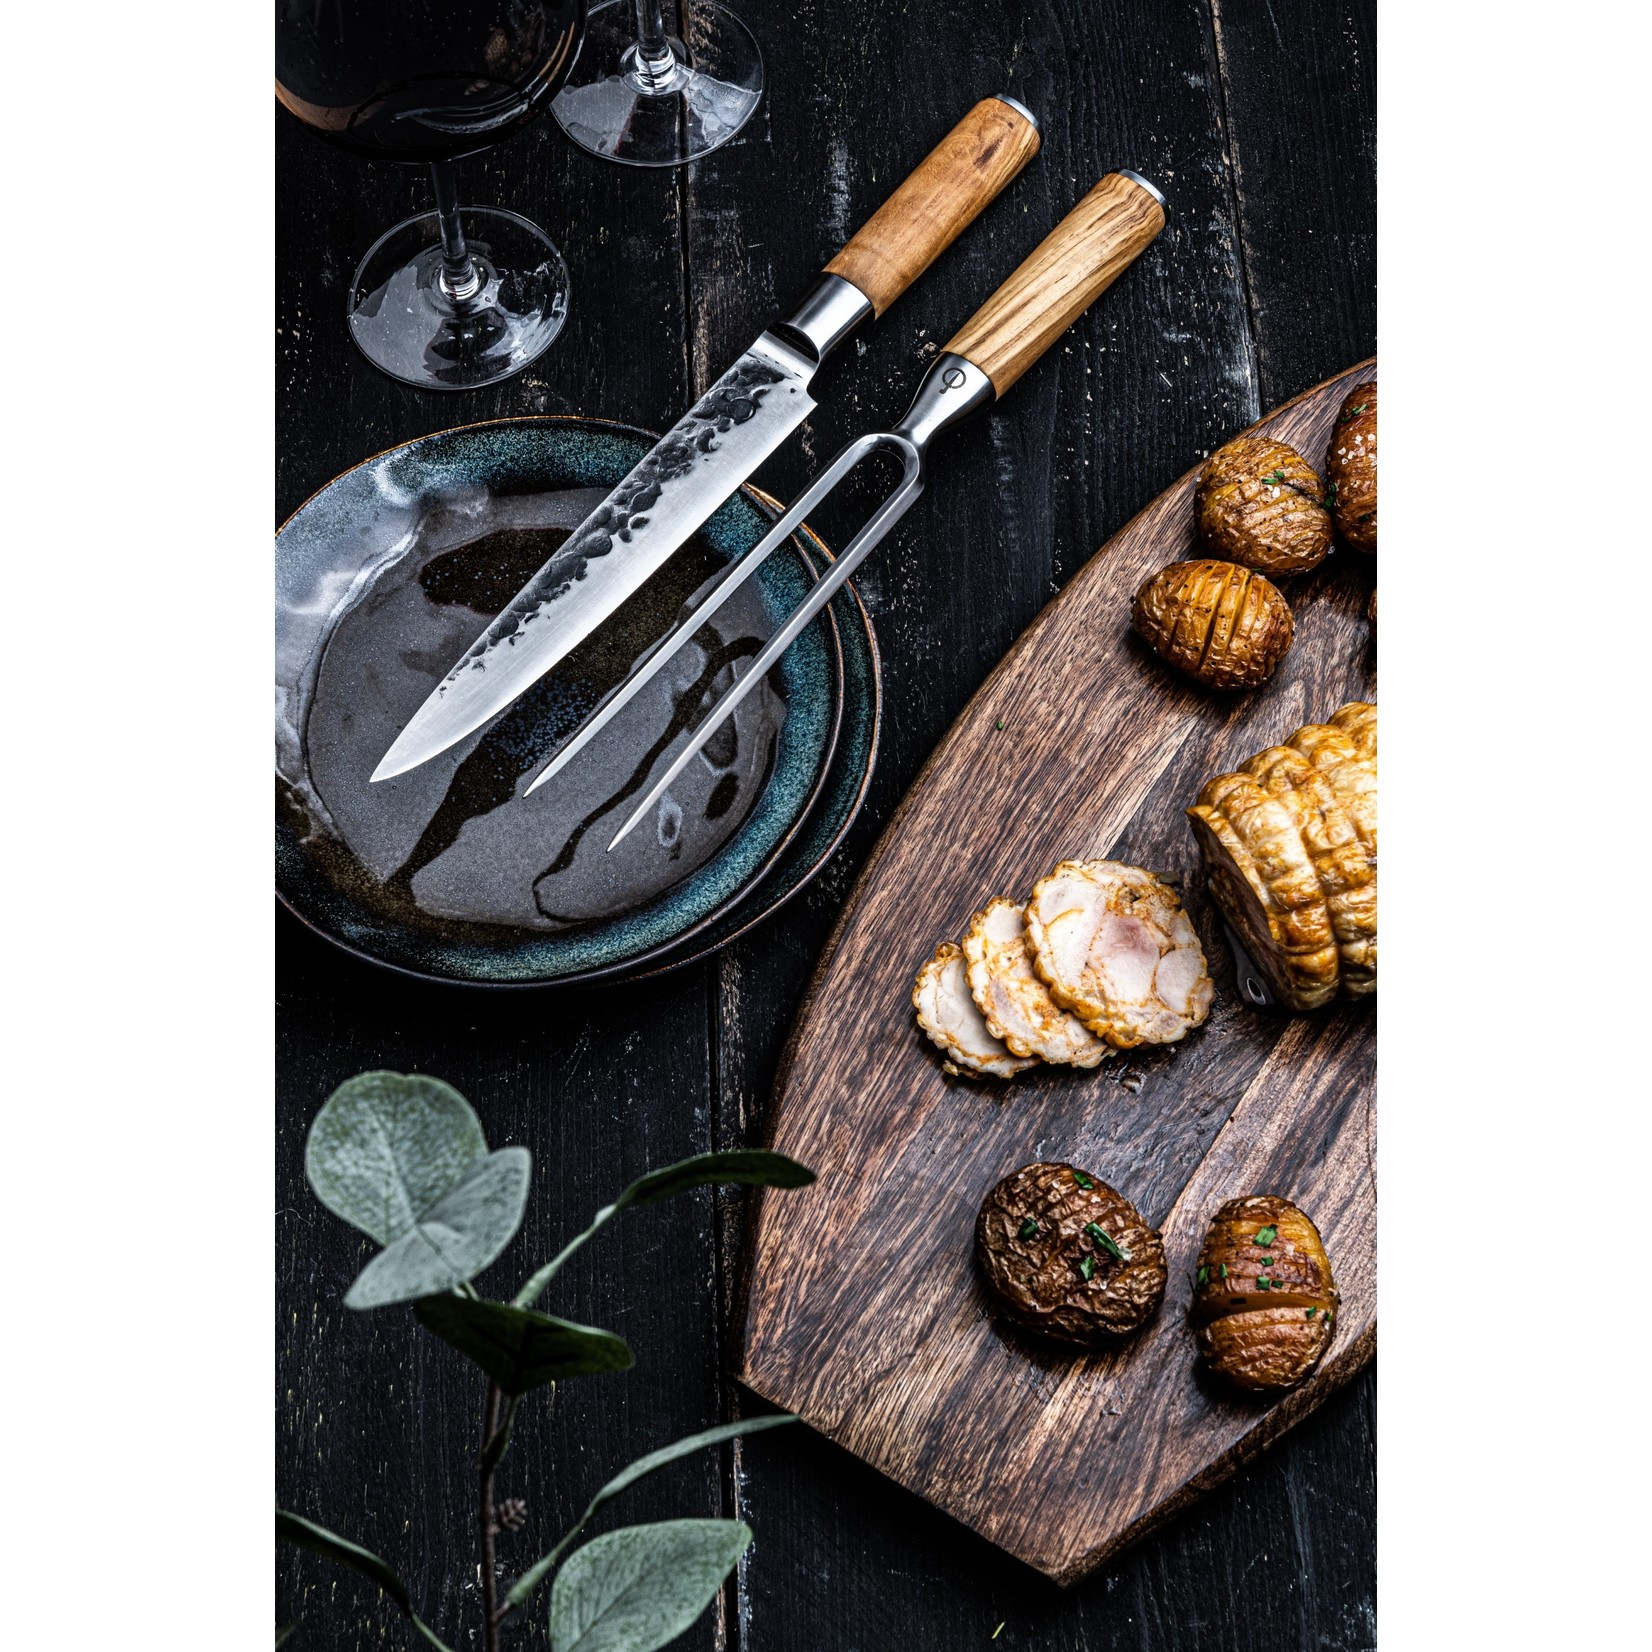 Forged Forged Olive vleesvork 20cm